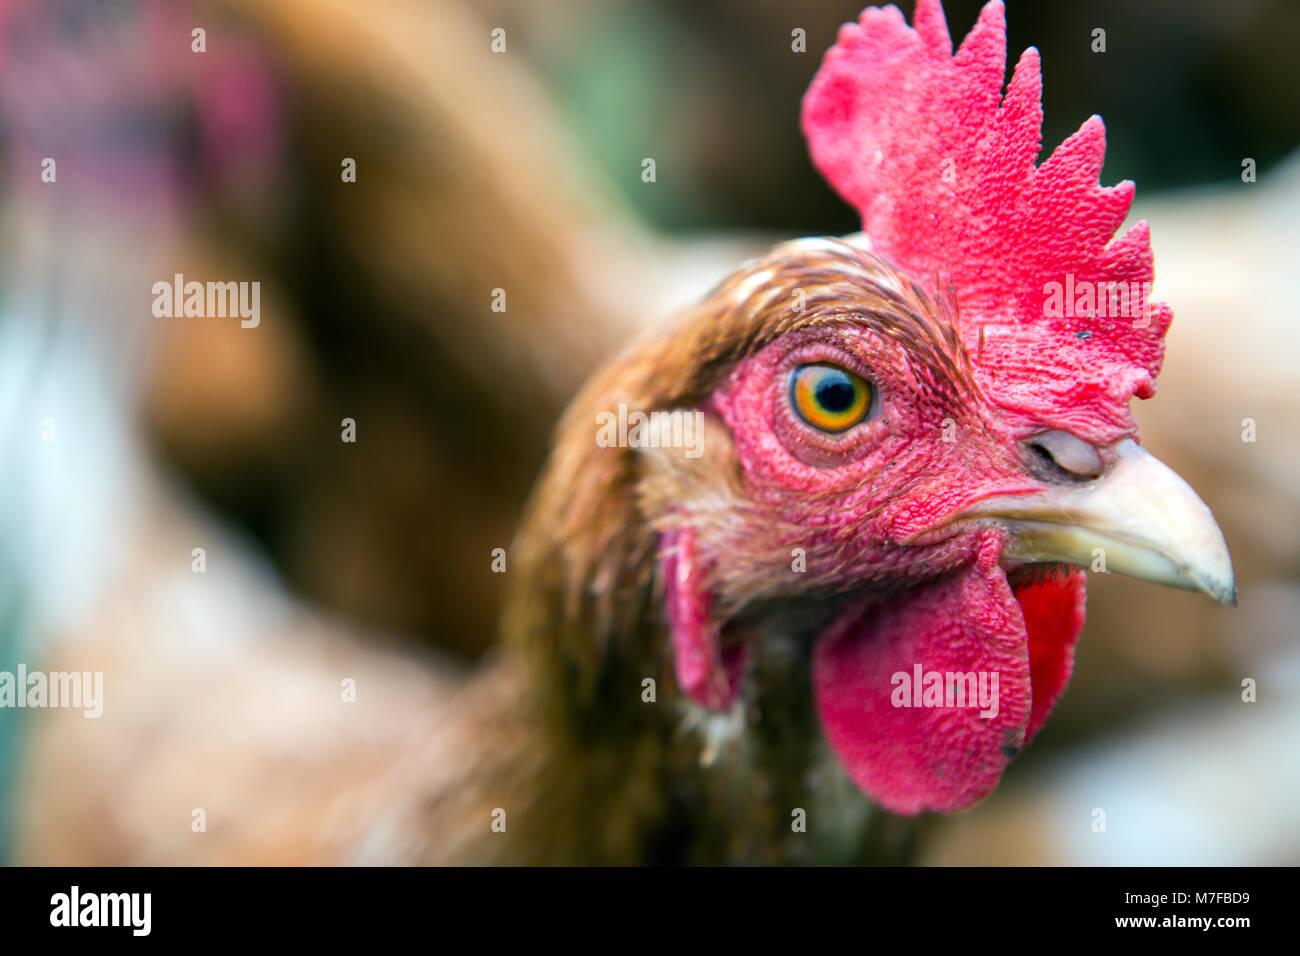 Pollo en una granja con un perro cuidando de ellos Imagen De Stock